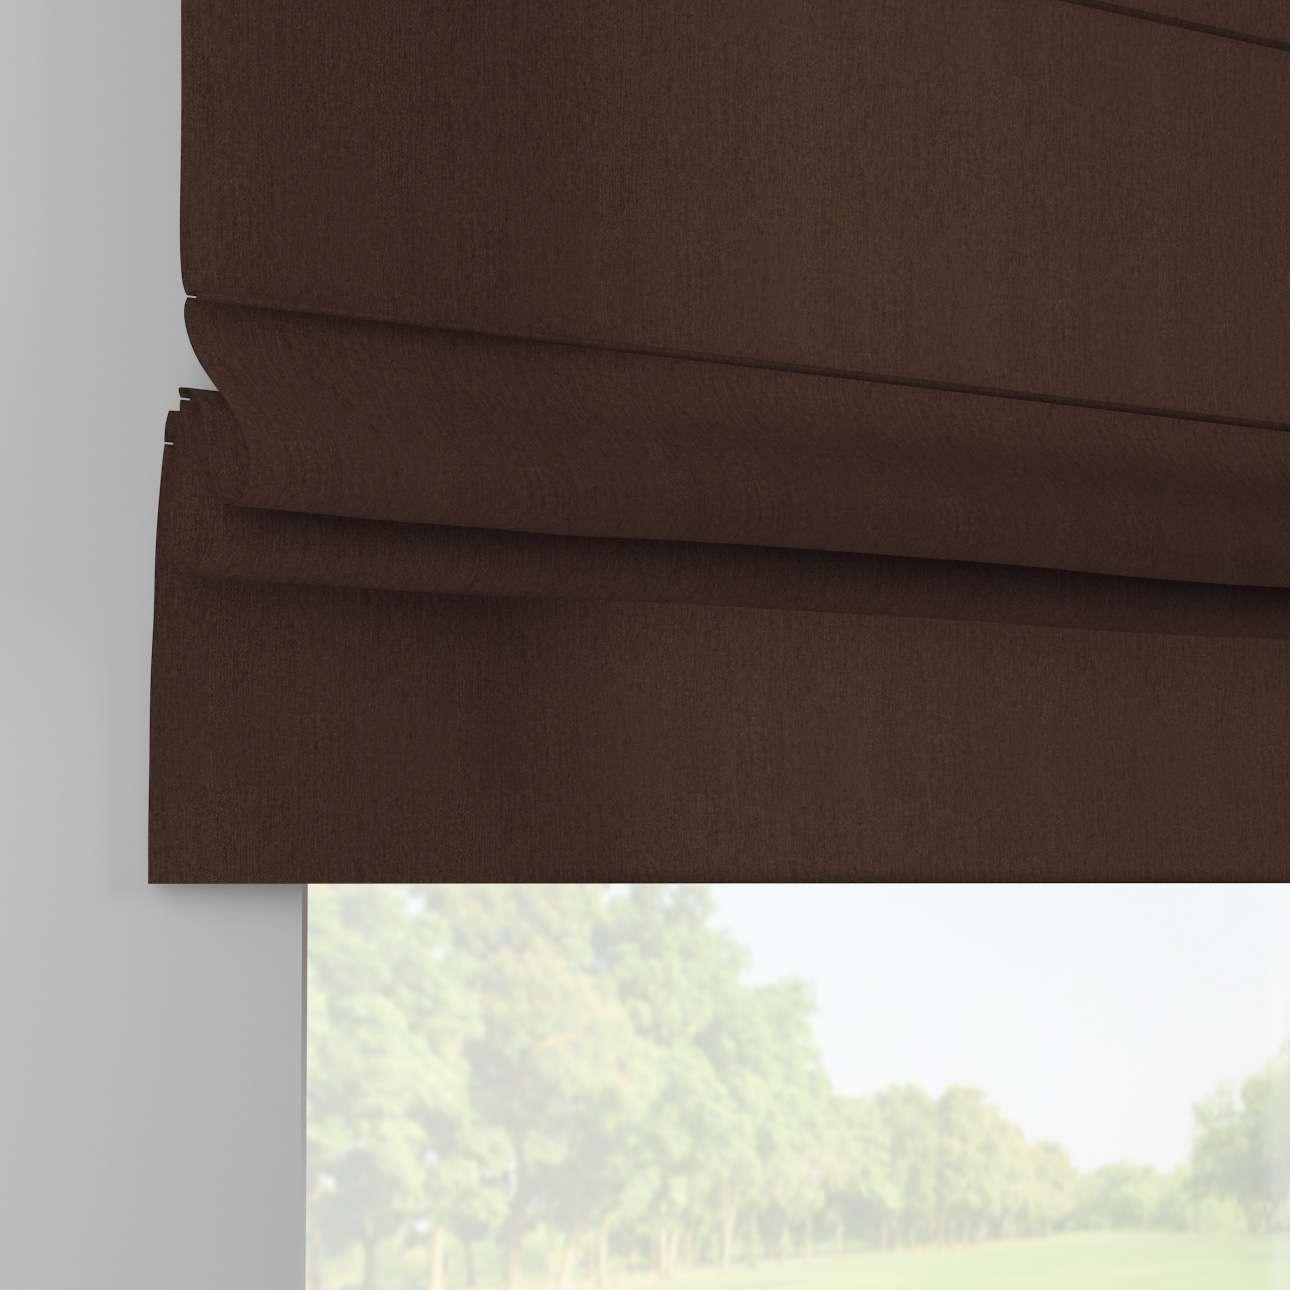 Foldegardin Paris<br/>Med lige flæse 80 x 170 cm fra kollektionen Chenille, Stof: 702-18